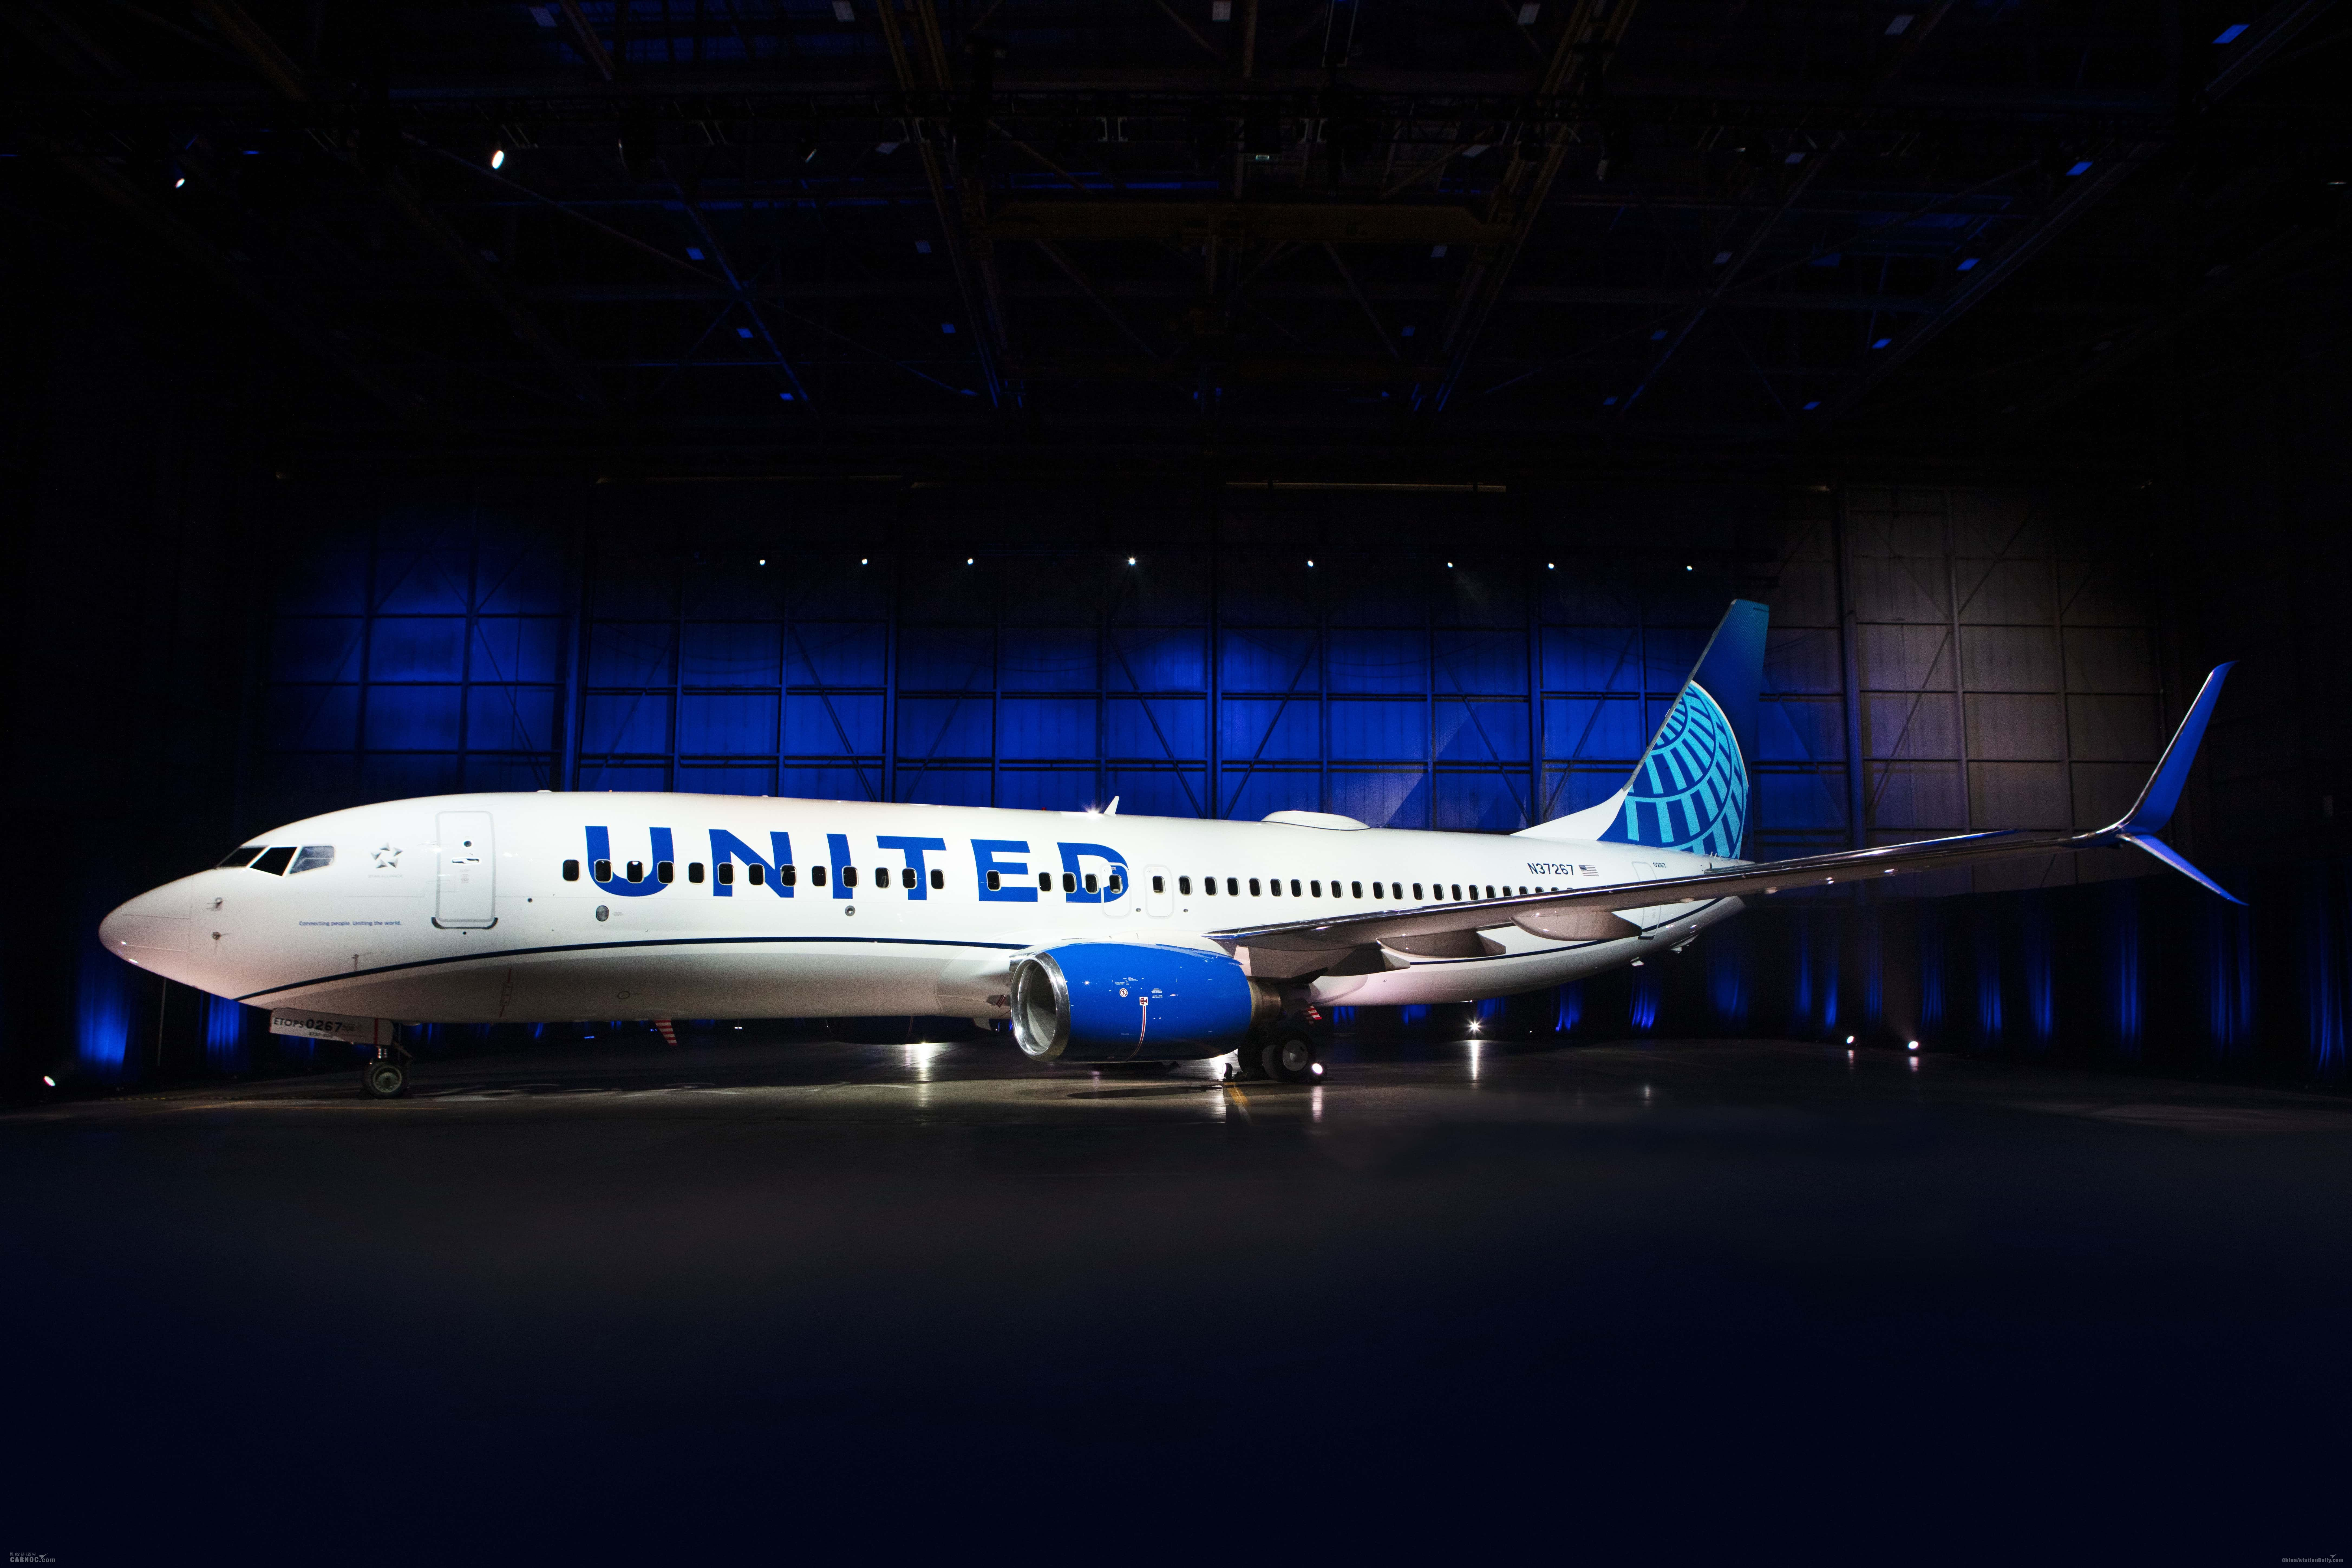 美联航全新飞机涂装 挥别金色以蓝色开启新篇章